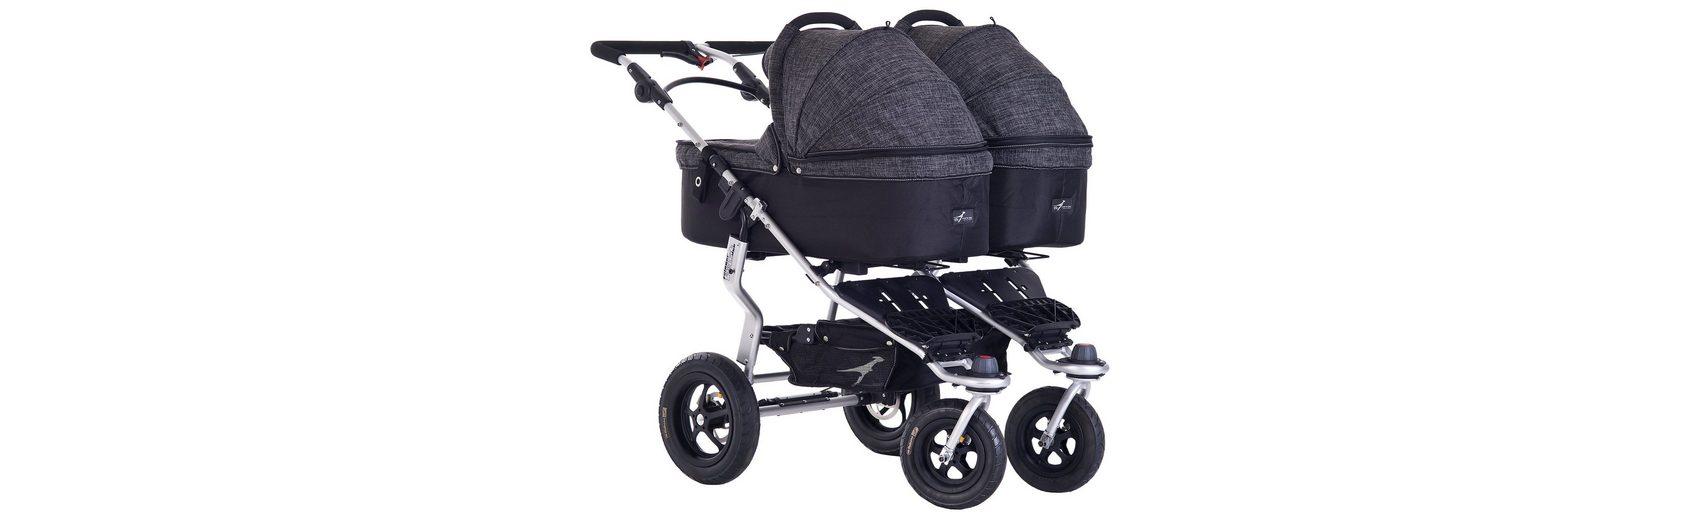 TFK Kinderwagenaufsatz für Twinner Twist Duo, Premium, anthrazit